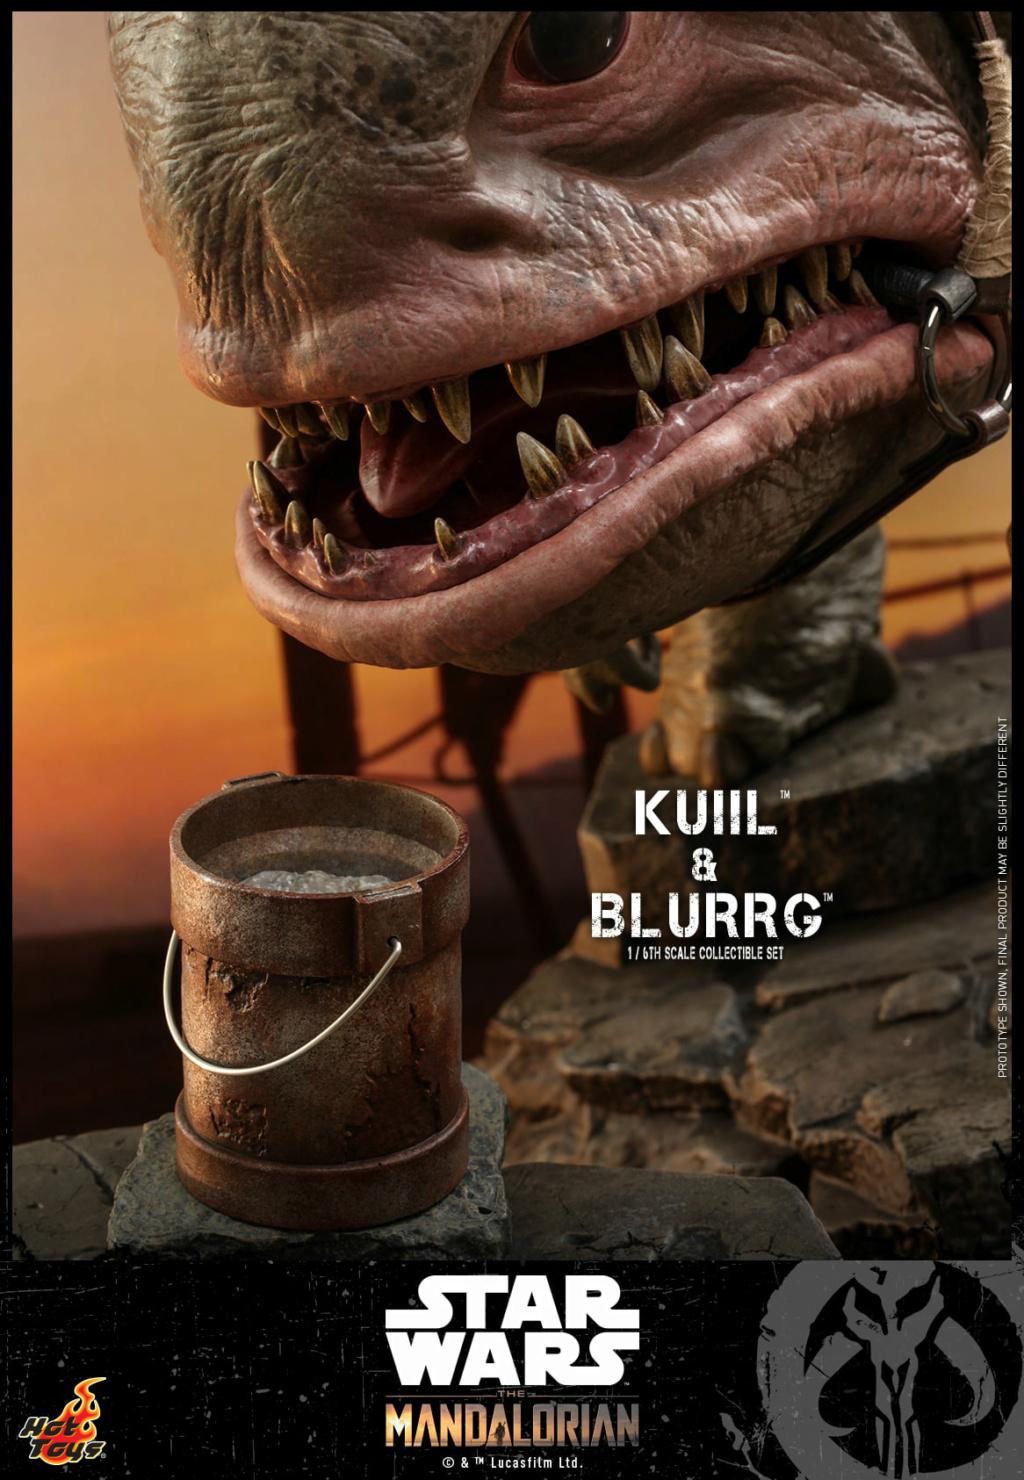 Kuiil & Blurrg Collectible Set - Star Wars - Hot Toys Kuiil_43